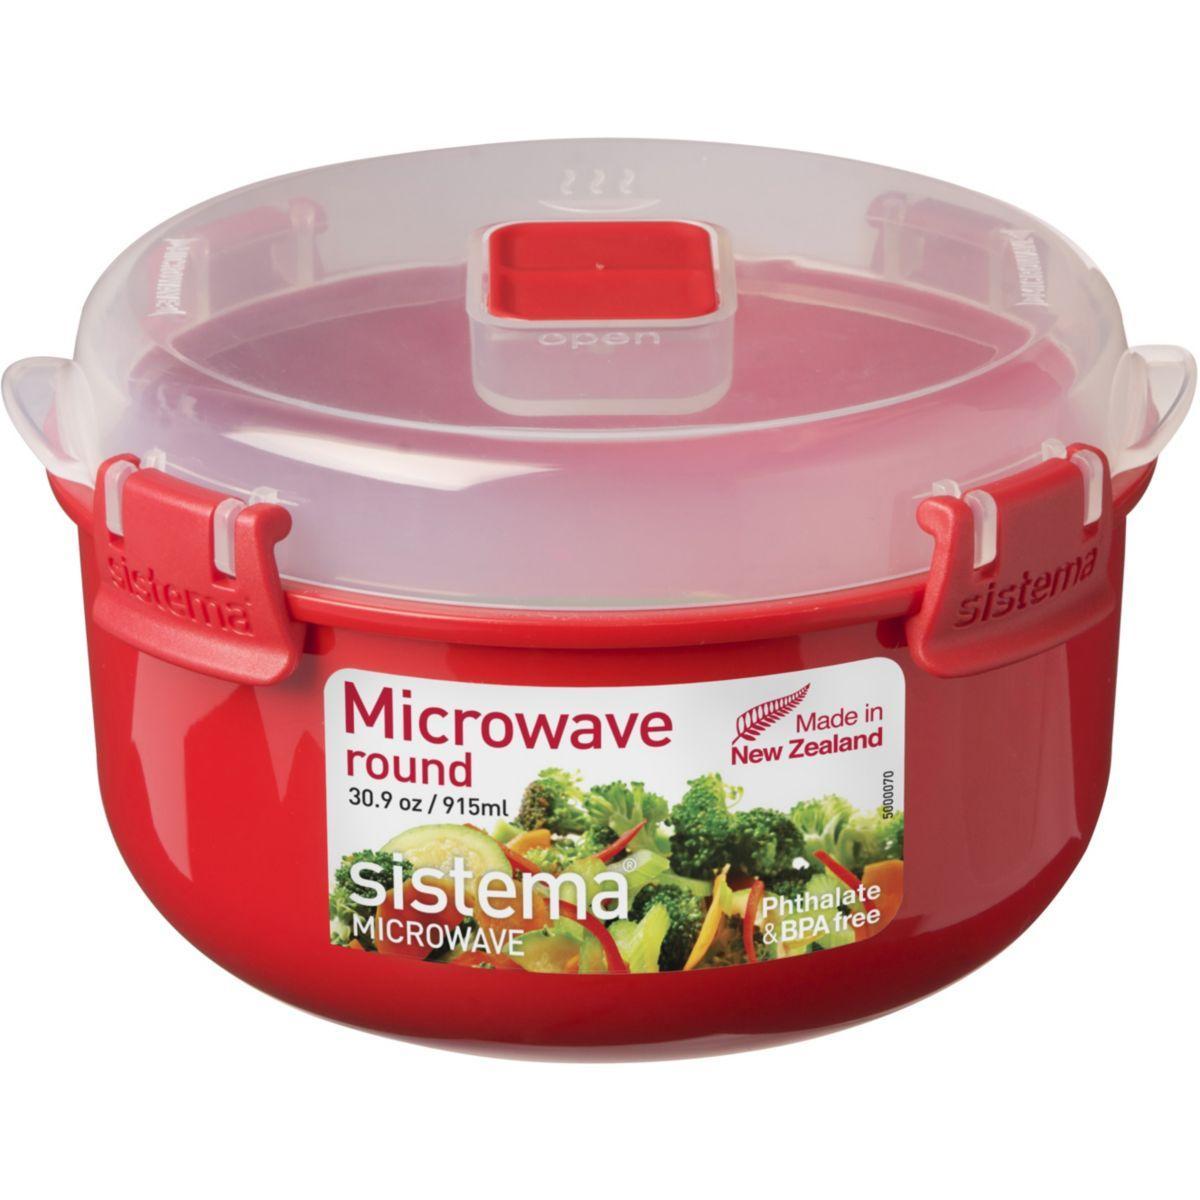 Bo�te sistema cuit vapeur pour micro onde 1l - 10% de remise imm�diate avec le code : automne10 (photo)